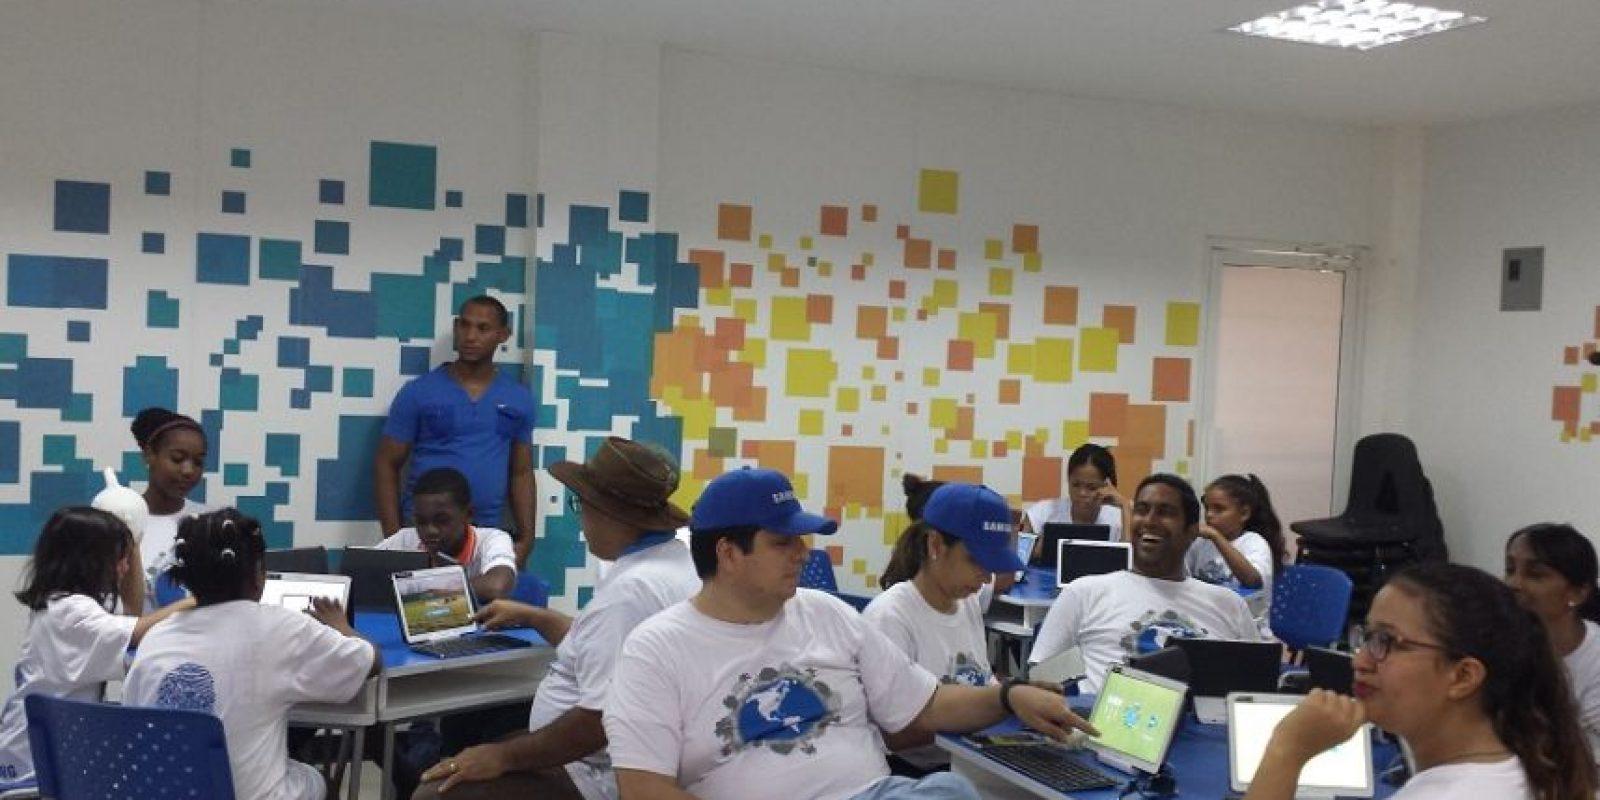 Niños padres y empleados de Samsung recibieron talleres educativos. Foto:Fuente externa